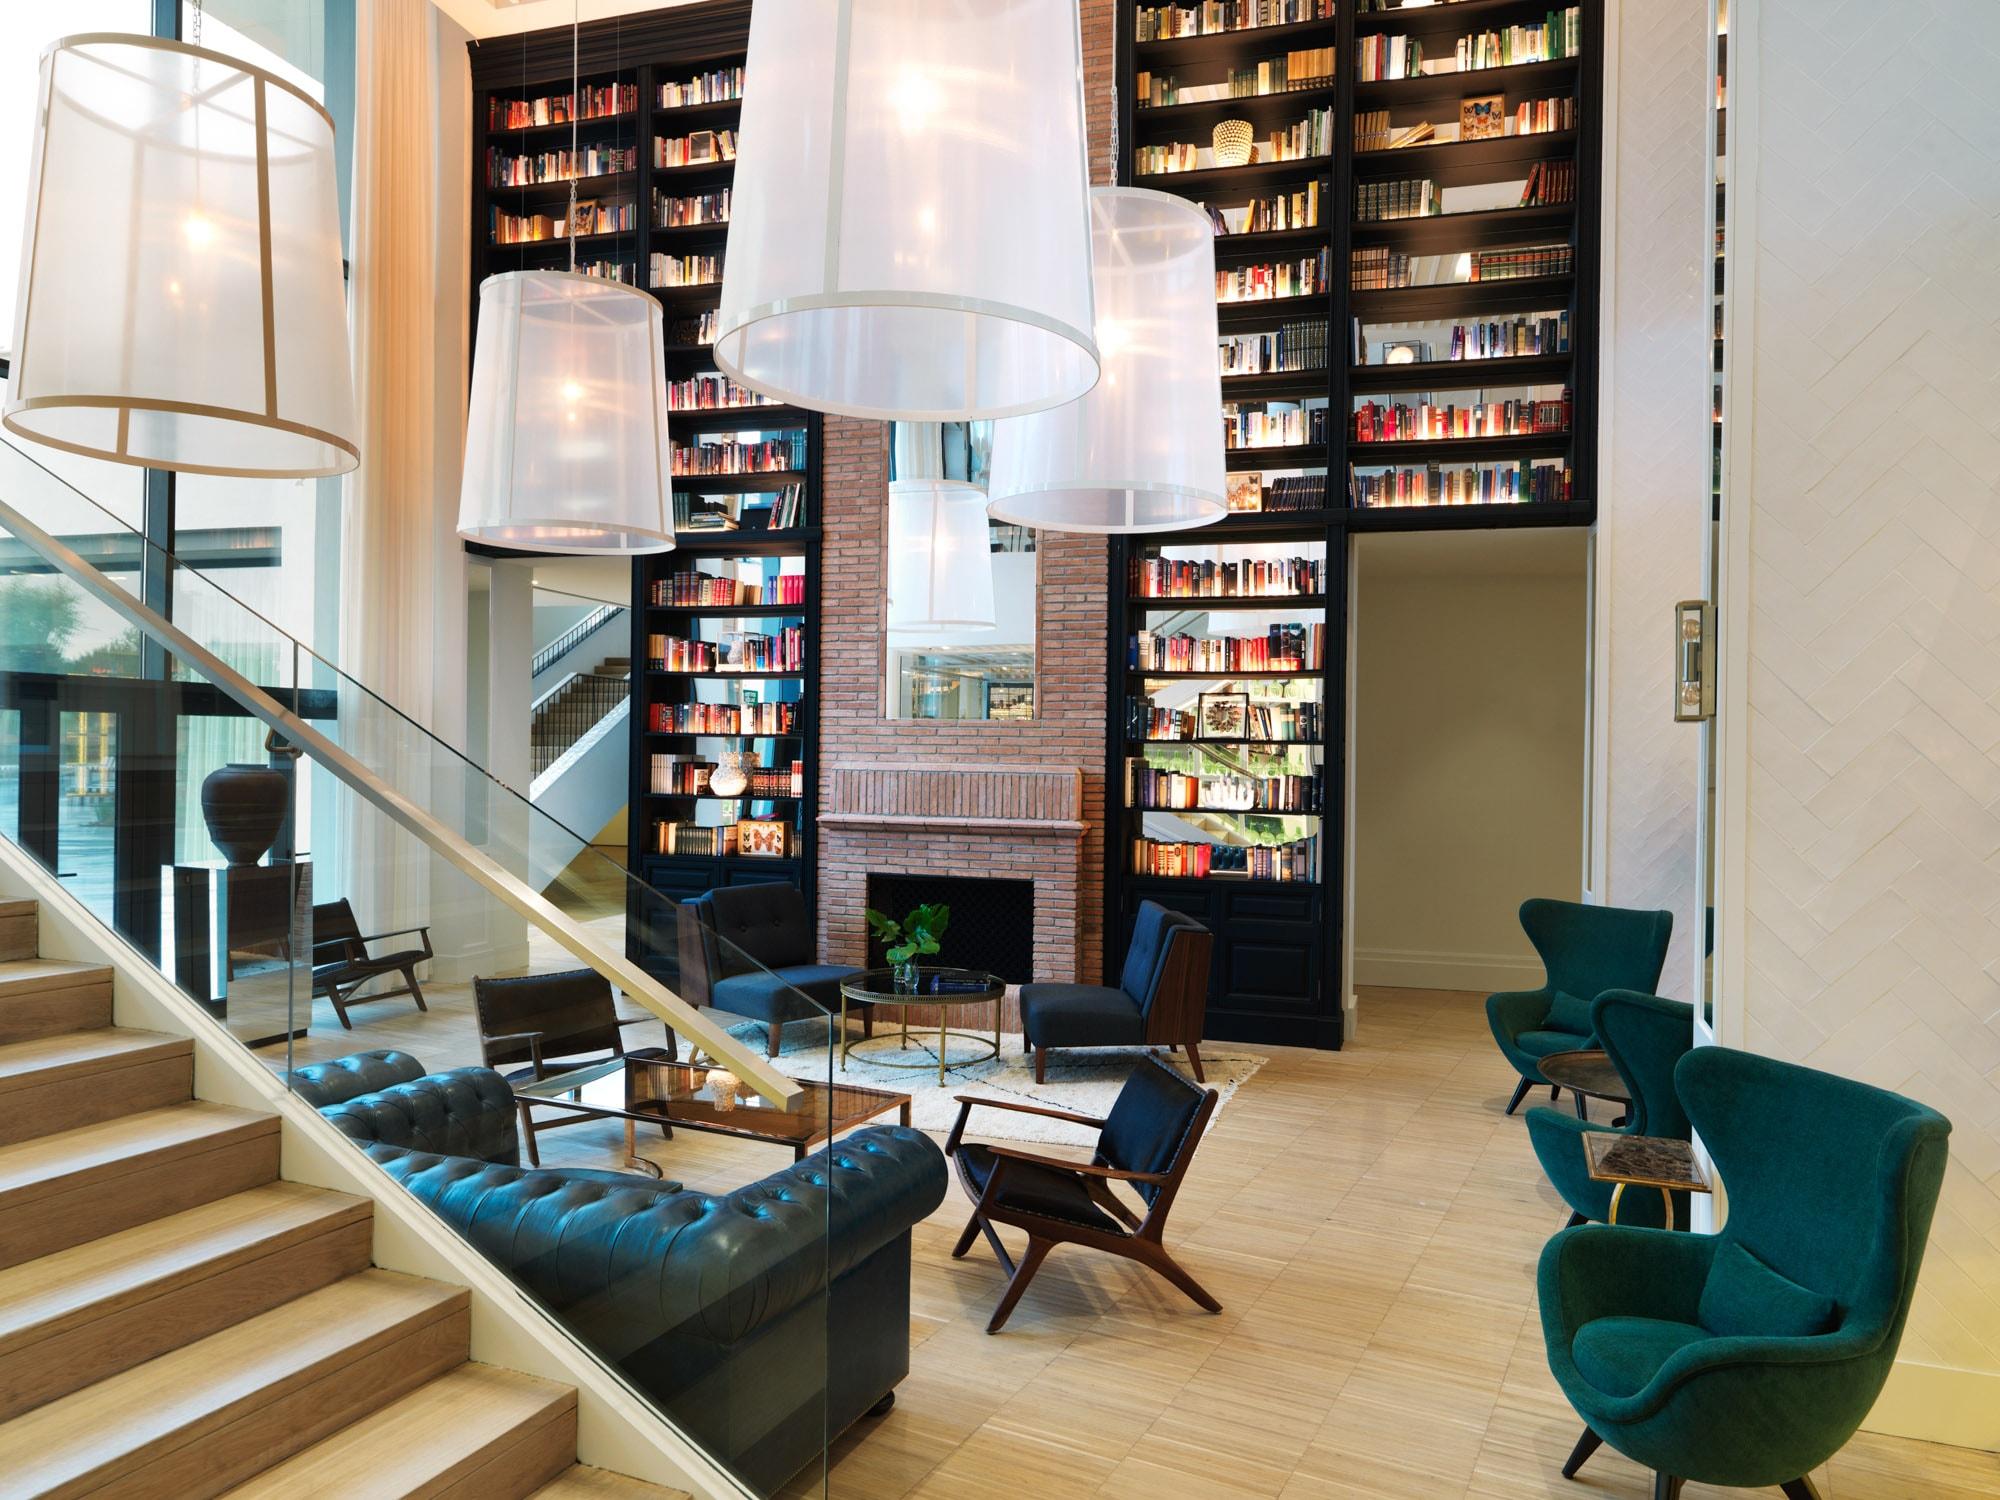 PGA Catalunya Resort: Setting für den Luxusurlaub, exklusiven Lifestyle und das Immobilien-Investment 8